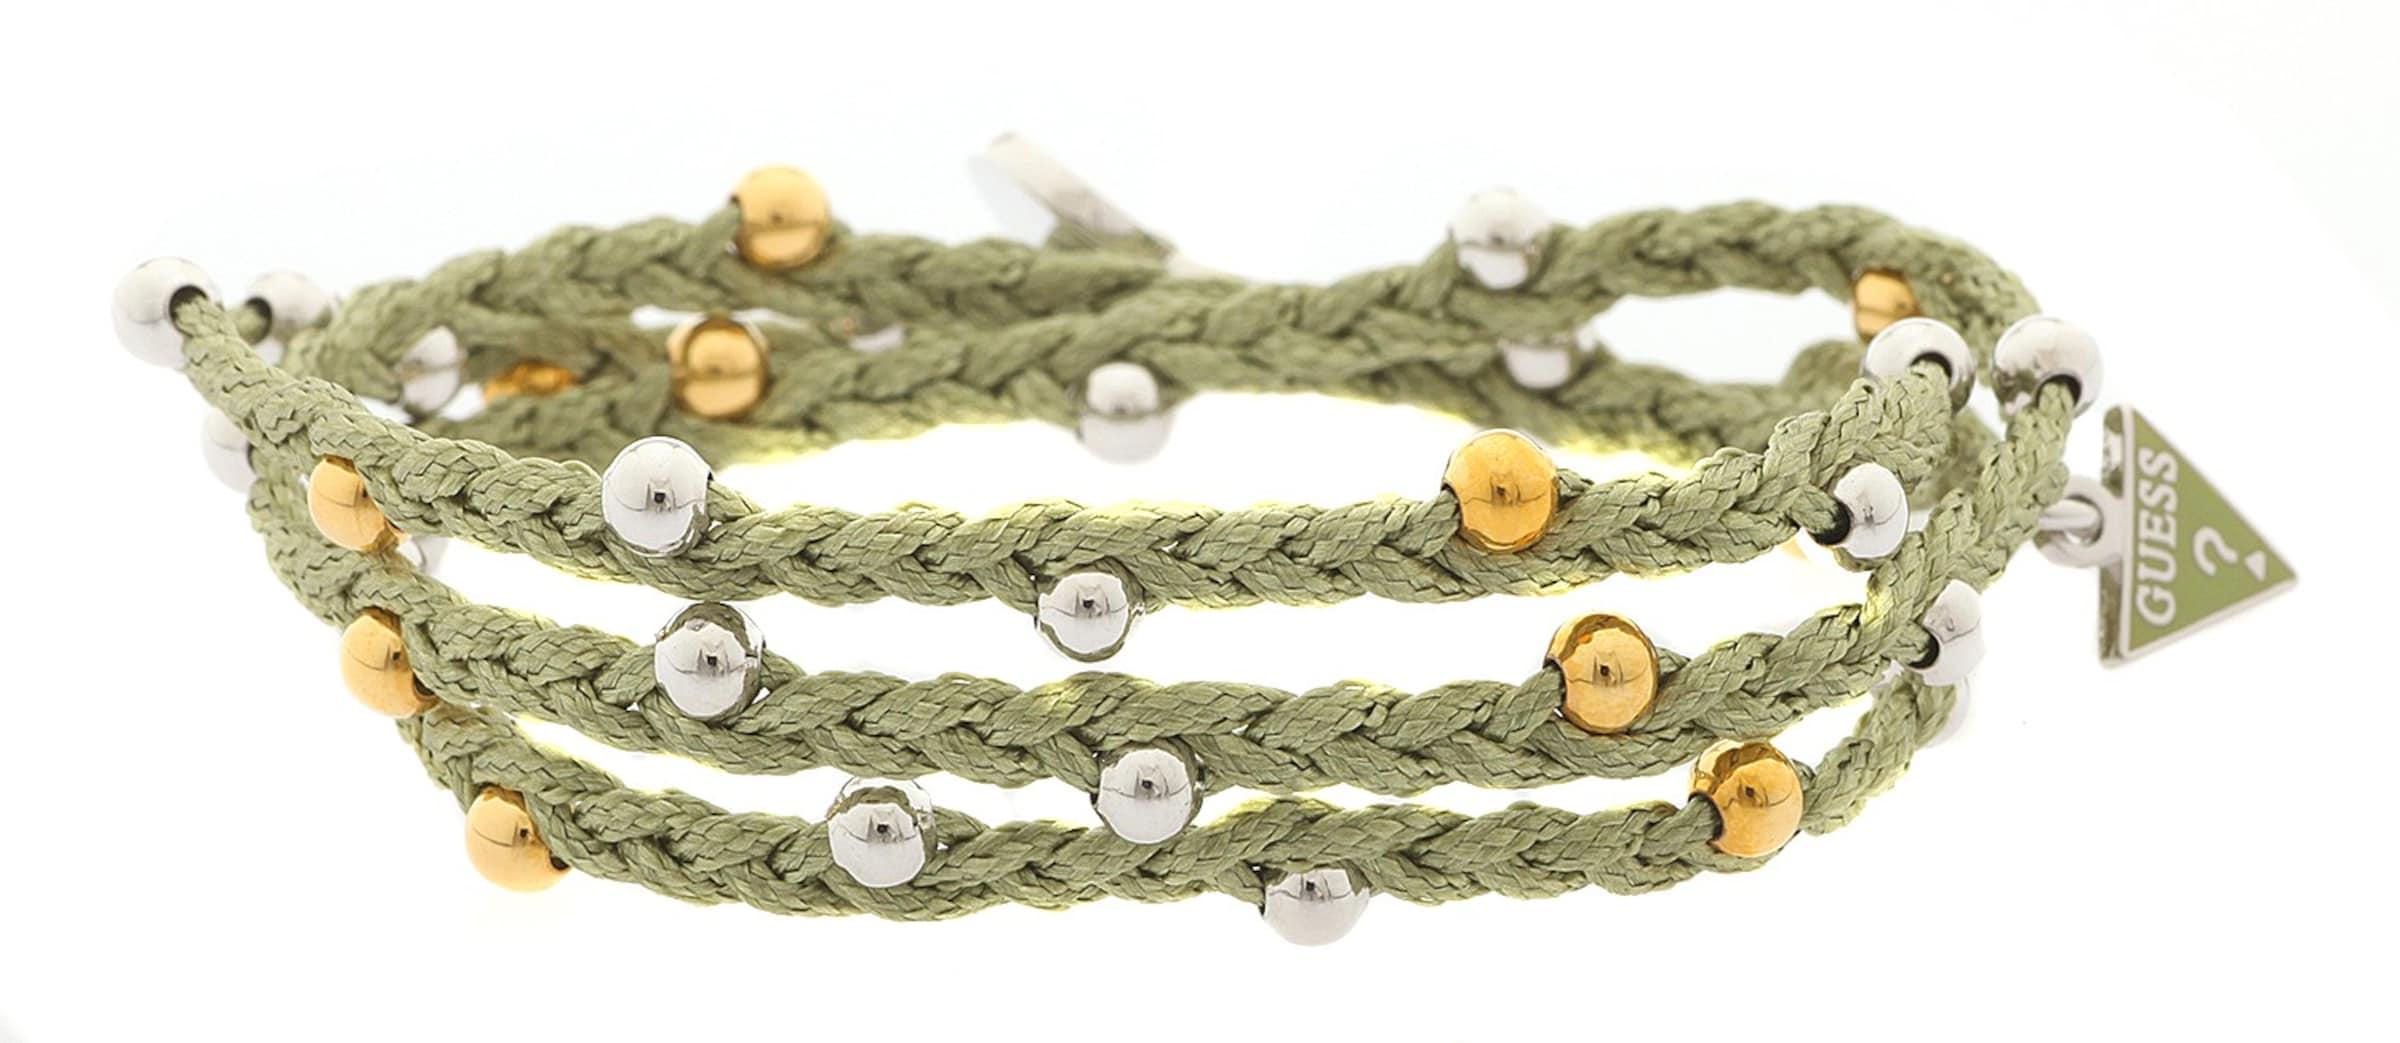 Billig Verkauf Aus Deutschland Beliebte Online GUESS Wickelarmband Textil Hellgrün 'UBB12224' Große Überraschung Rabatt Gutes Verkauf Frei Verschiffen R4HzX